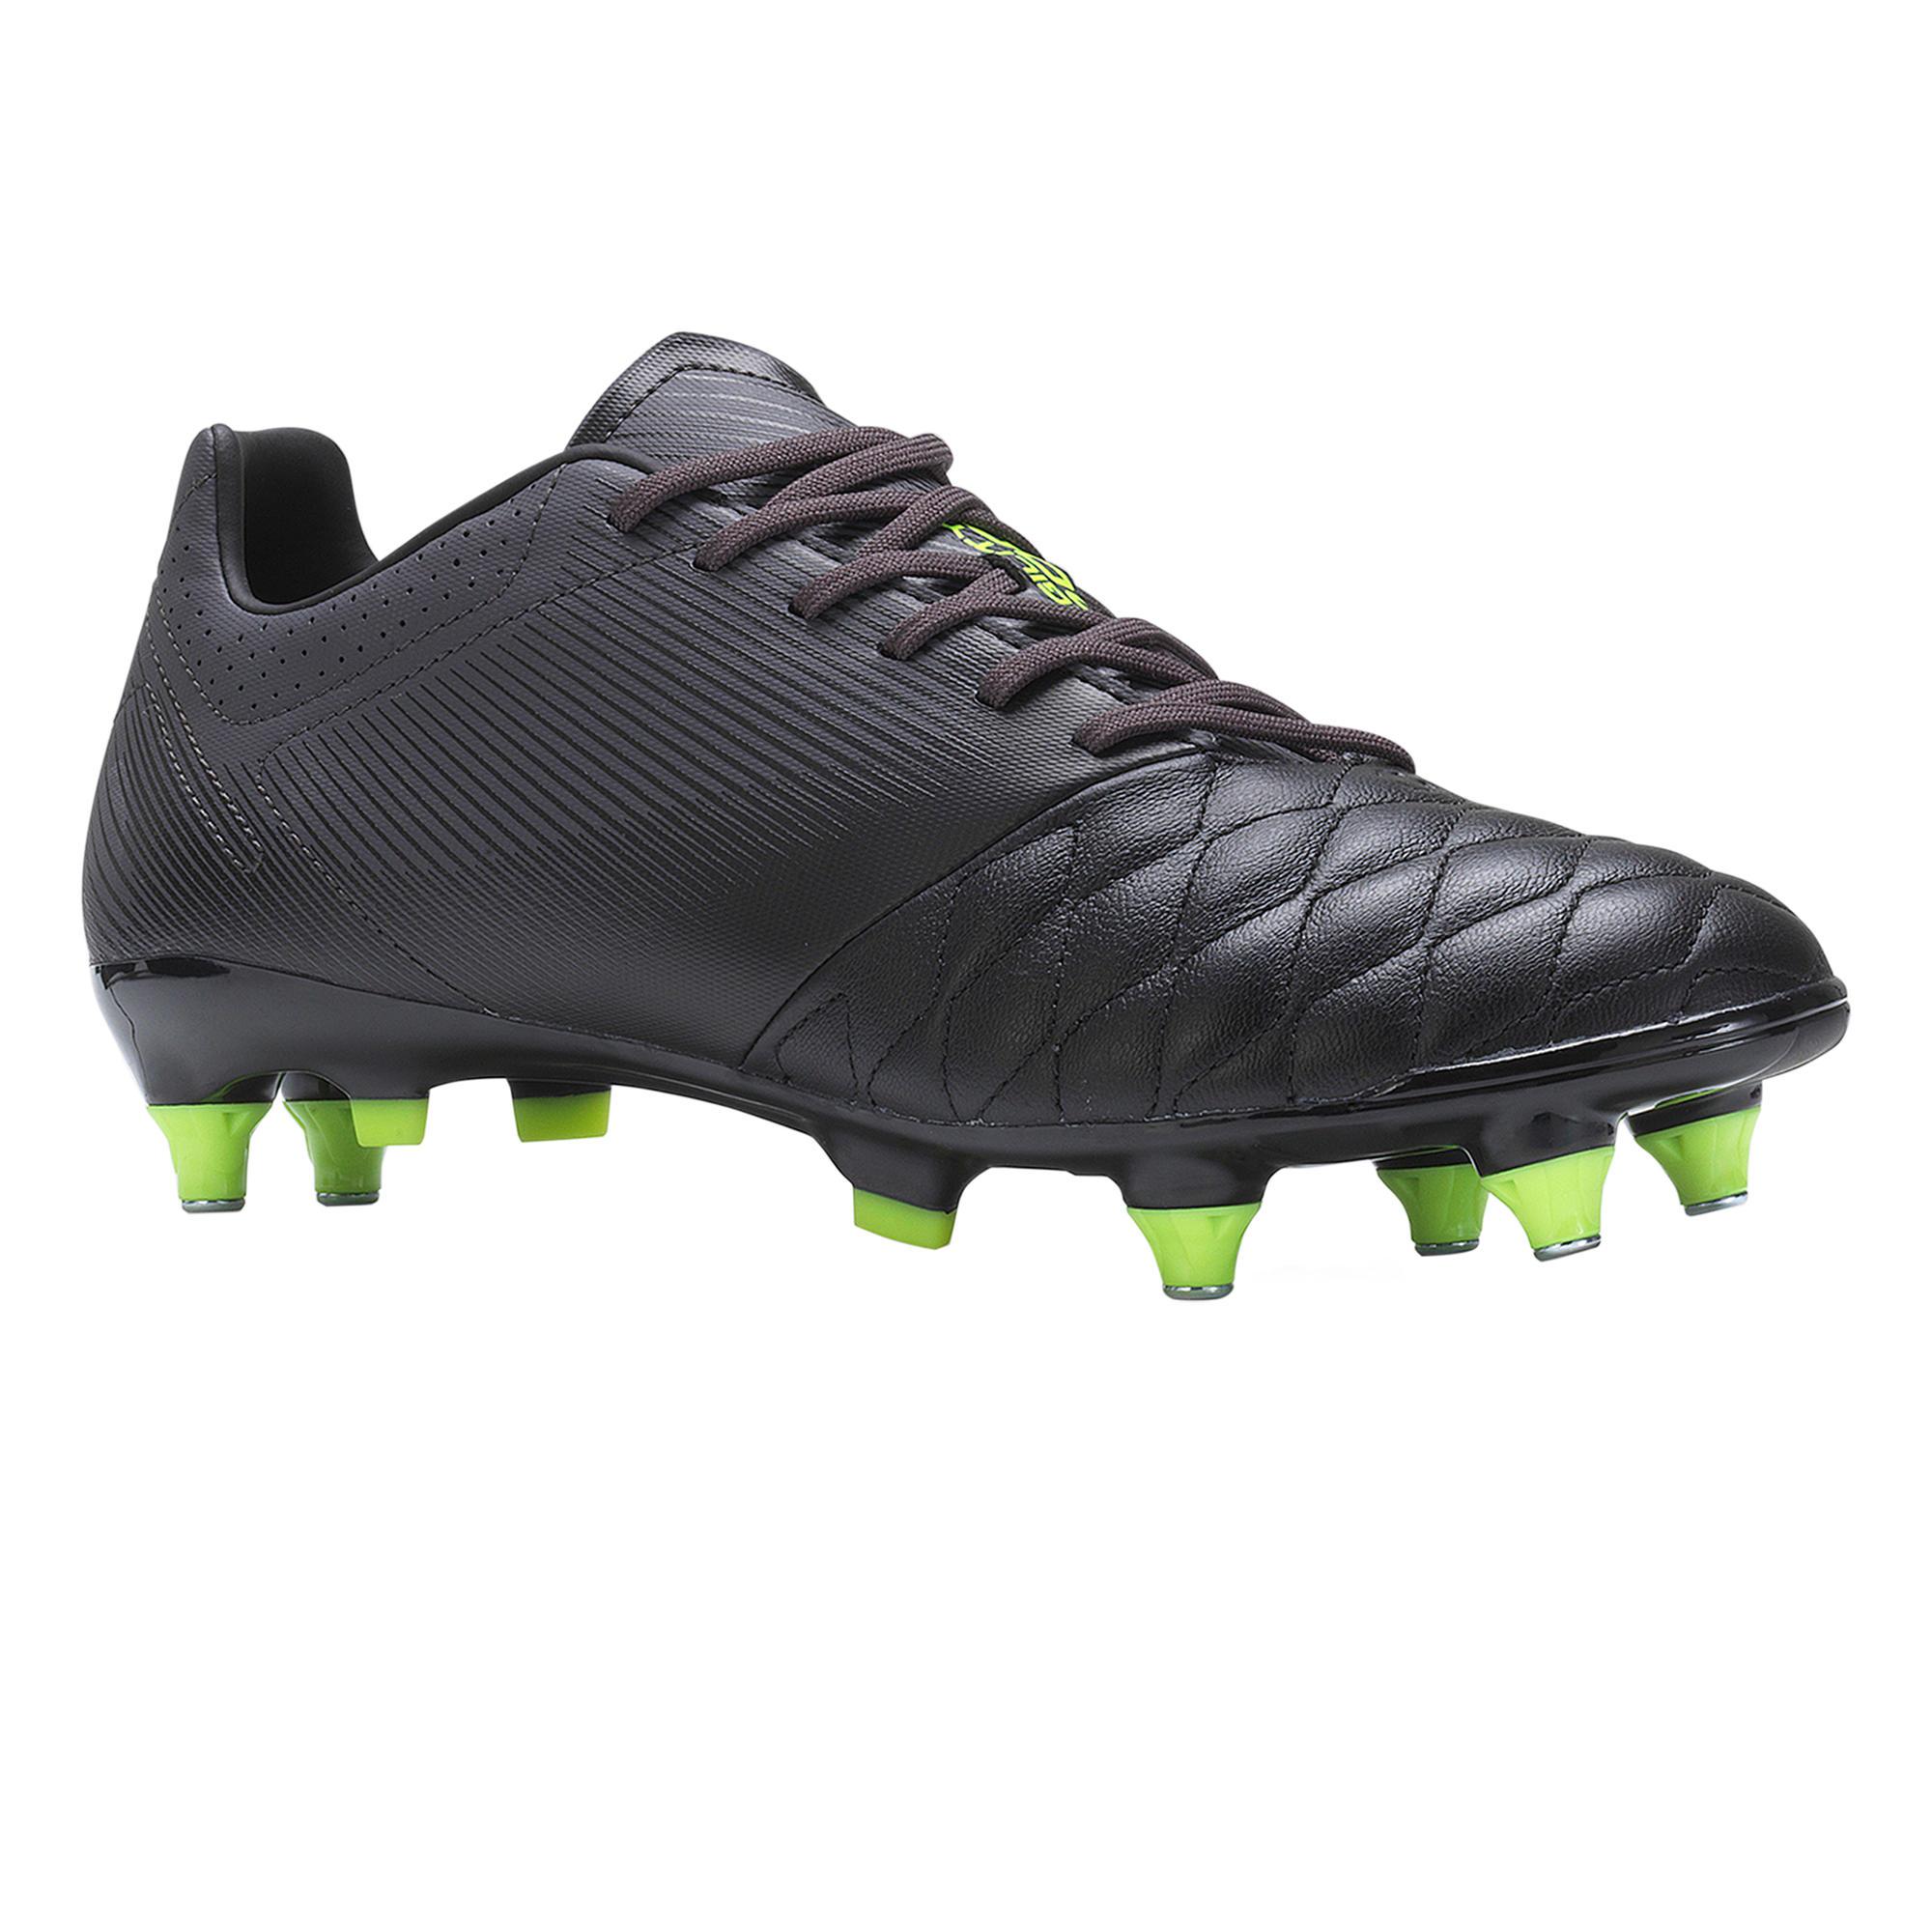 Agility Chaussure Noir Chaussures Sg Adulte 540 Football De Terrain Cuir Gras 9W2IbeEYDH